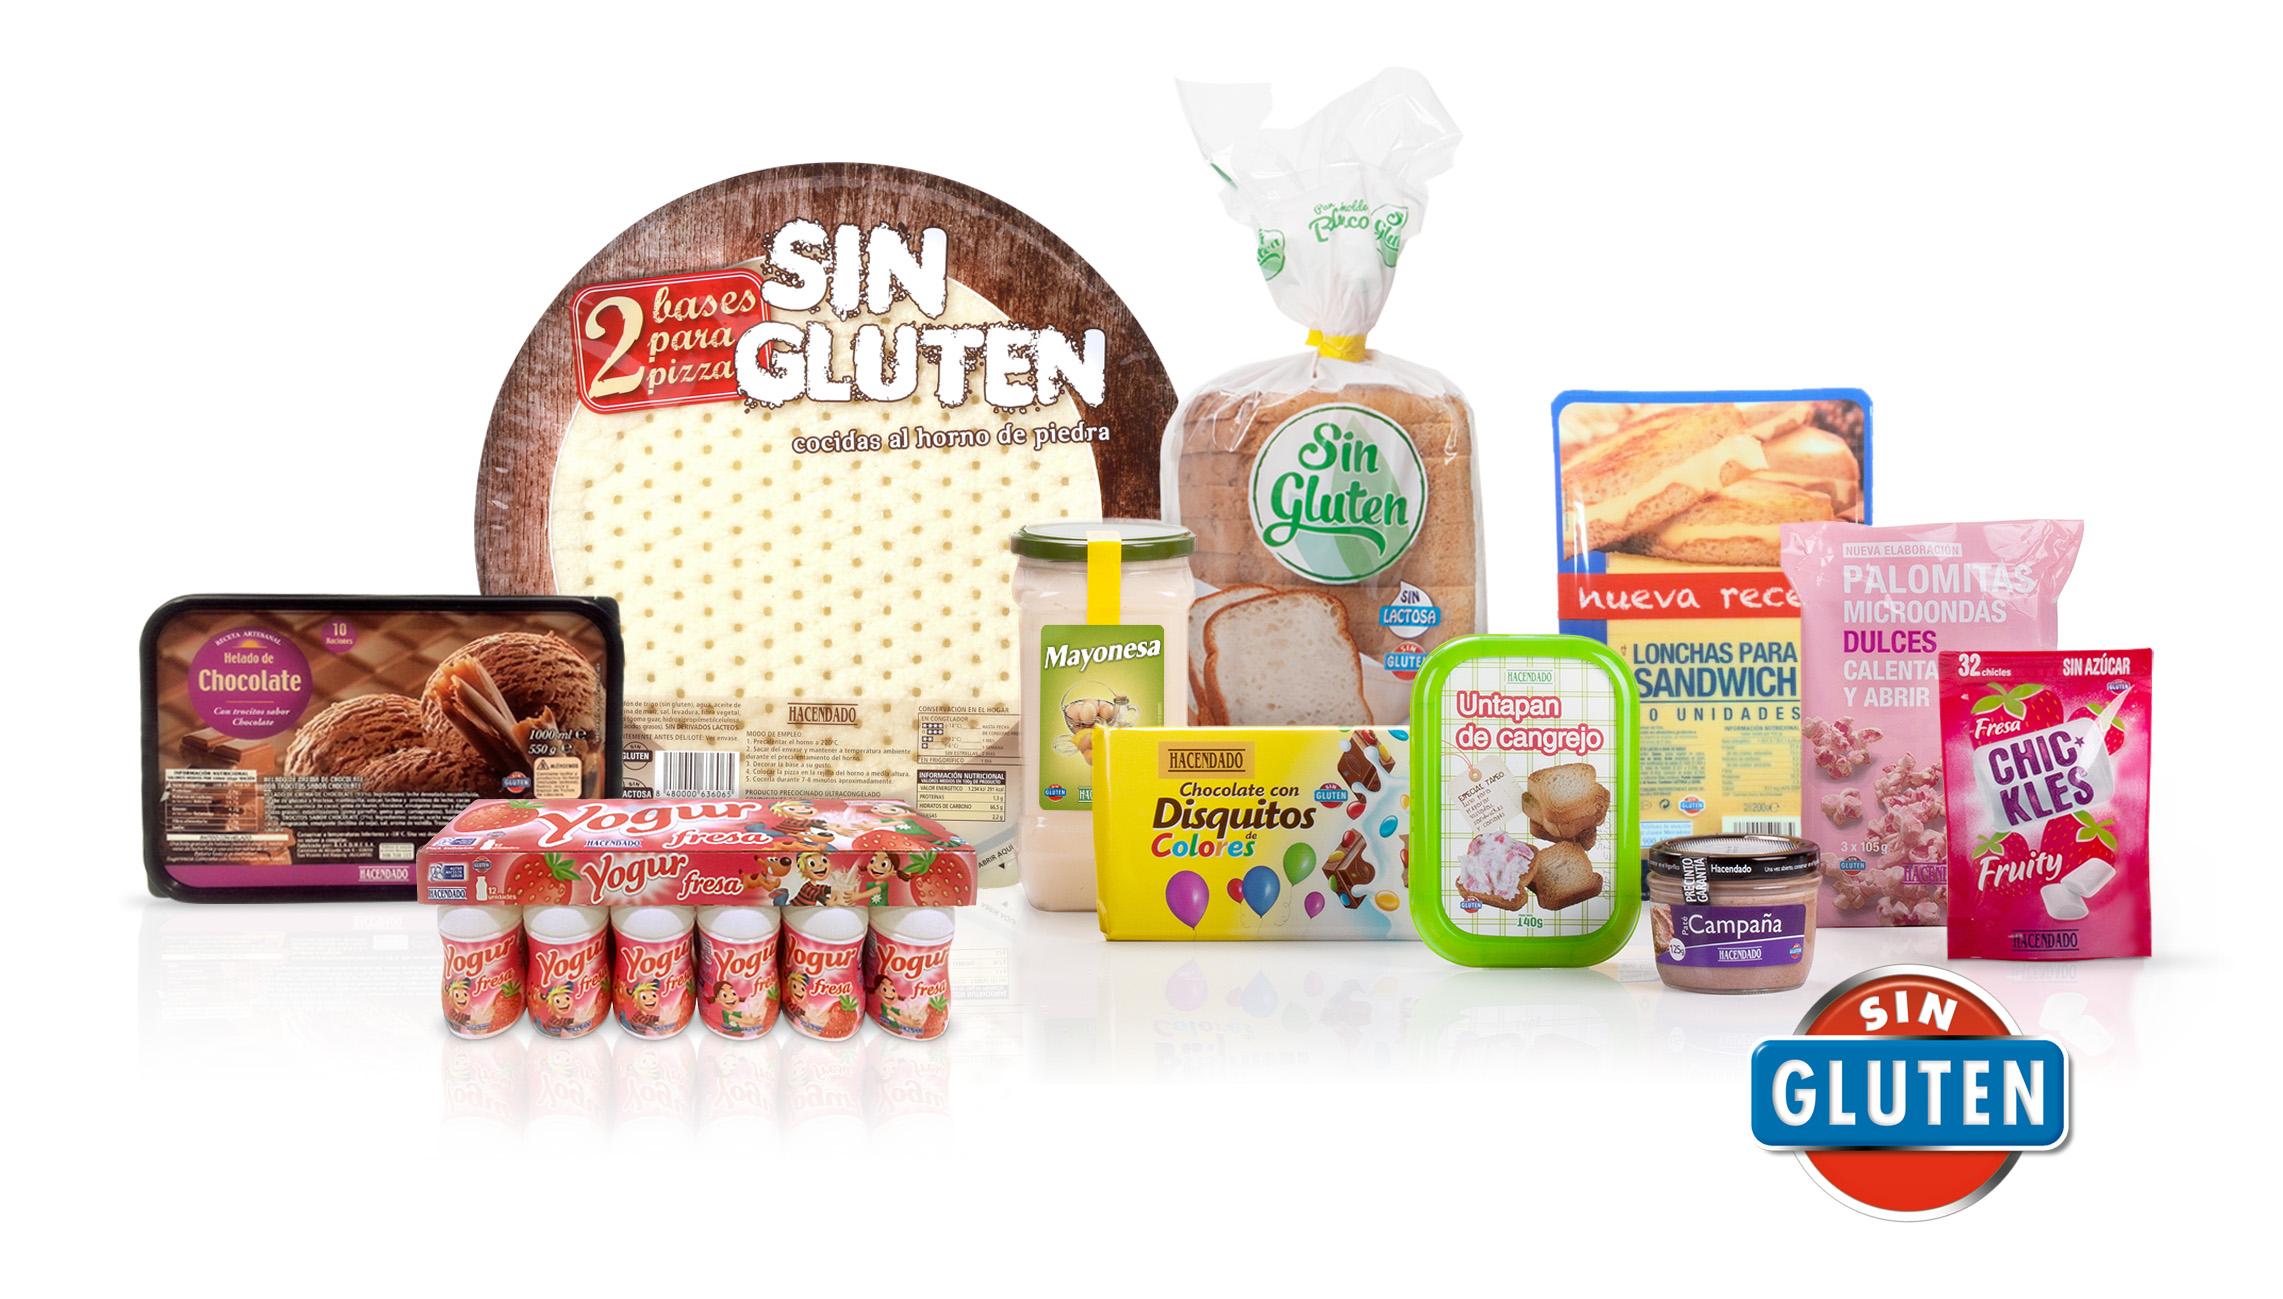 Mercadona ampl a su surtido para cel acos hasta los 850 productos mercadona - Alimentos sin gluten para celiacos ...